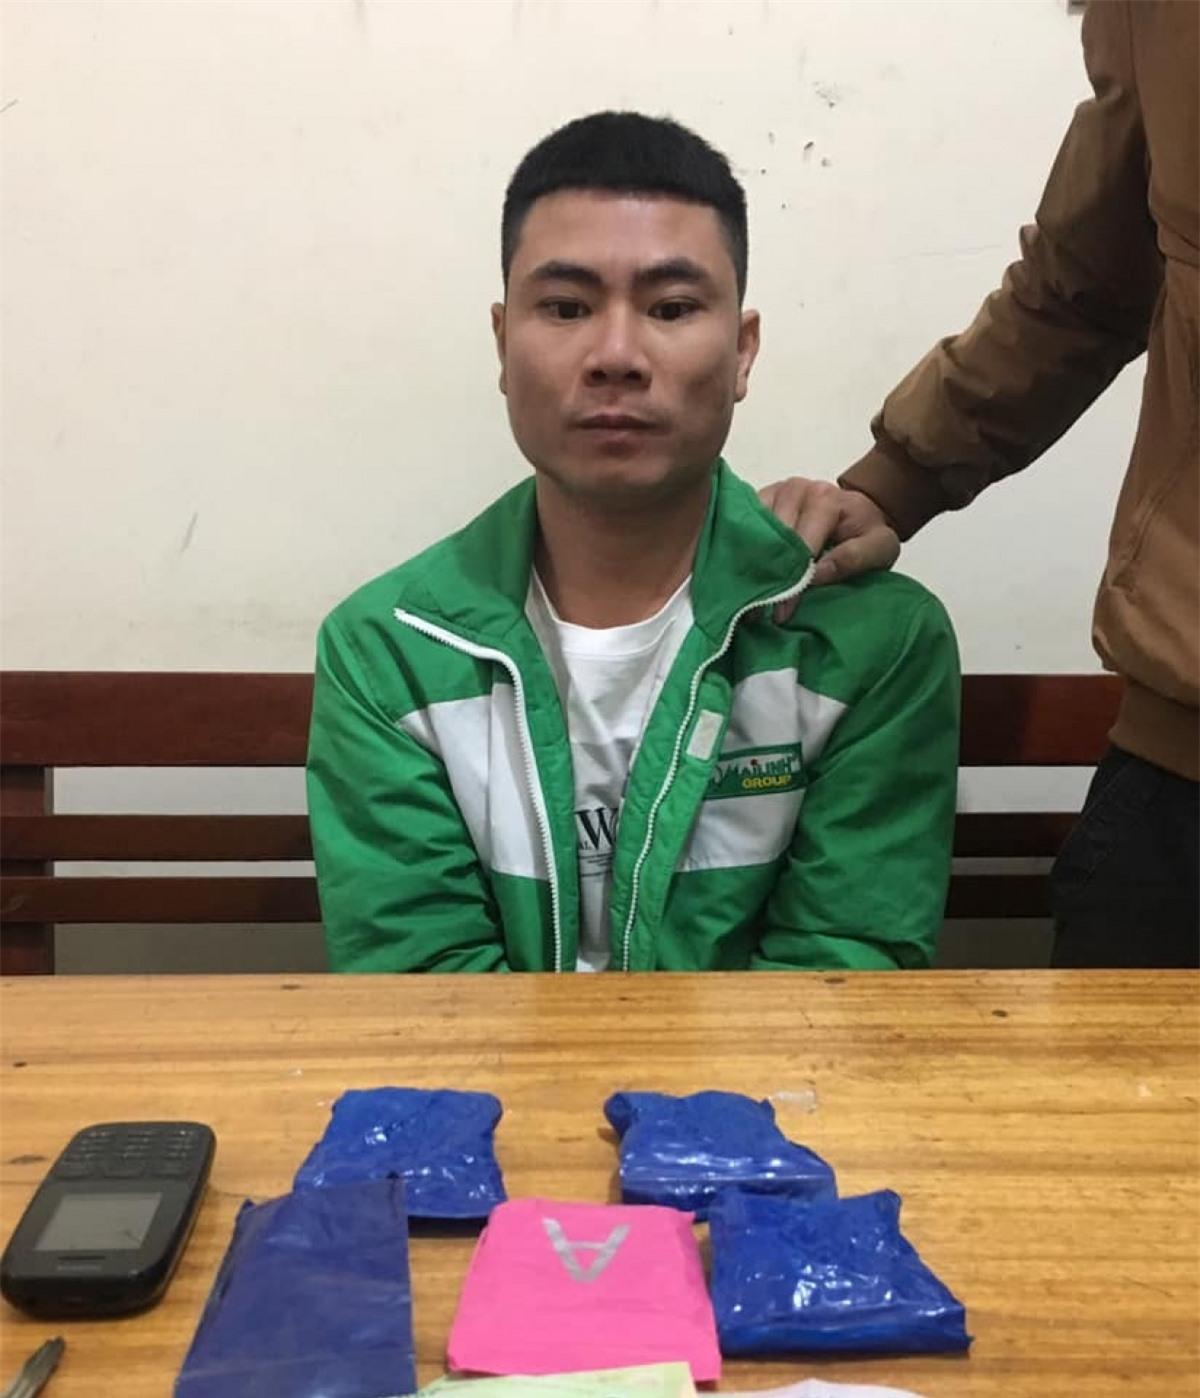 Nguyễn Đình Truyền cùng tang vật tại cơ quan điều tra.